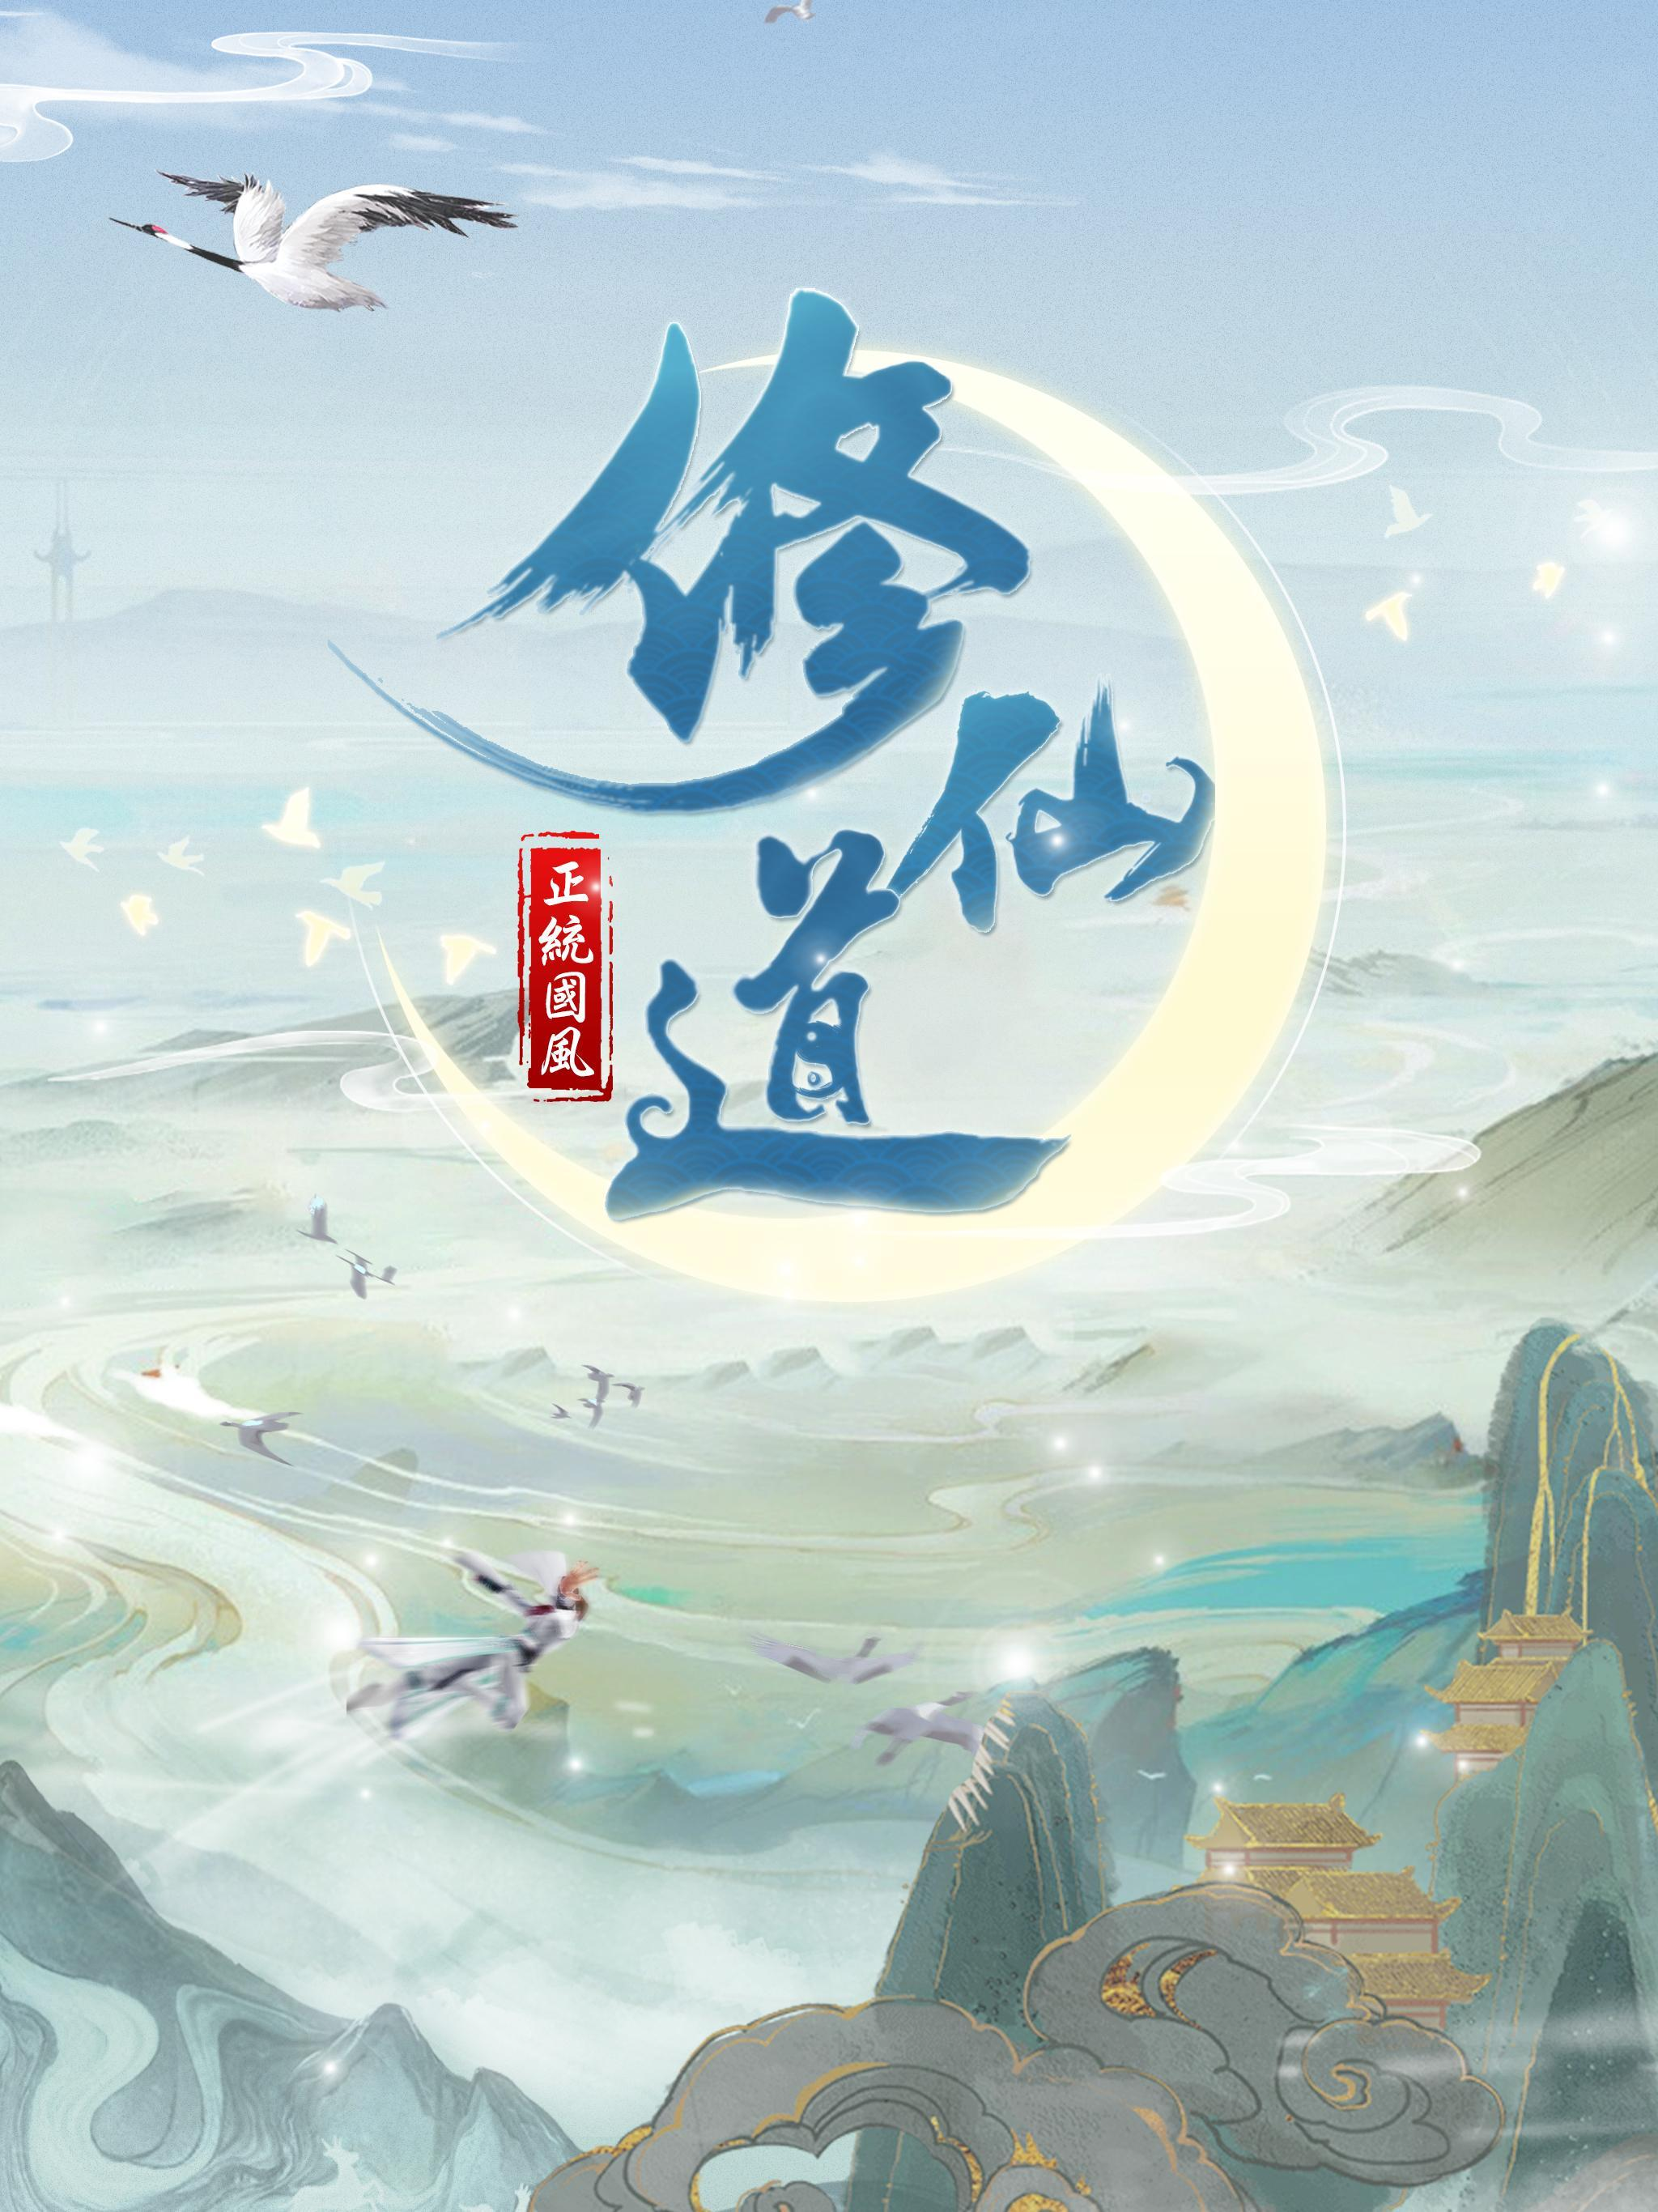 仙命決——俠侶雙修,道友PVP對決 1.3.2 Screenshot 11